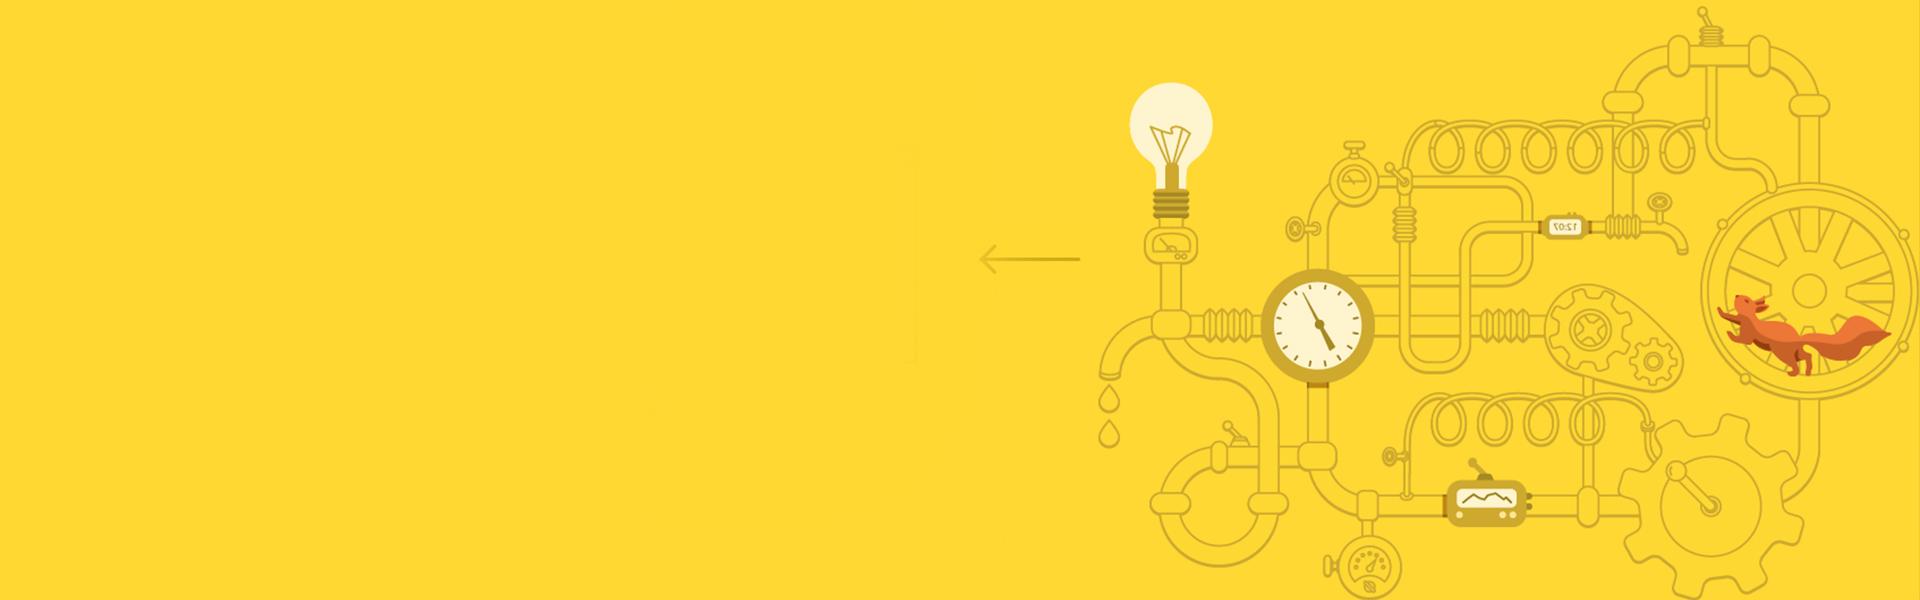 Изготовление и разработка дизайна сайтов